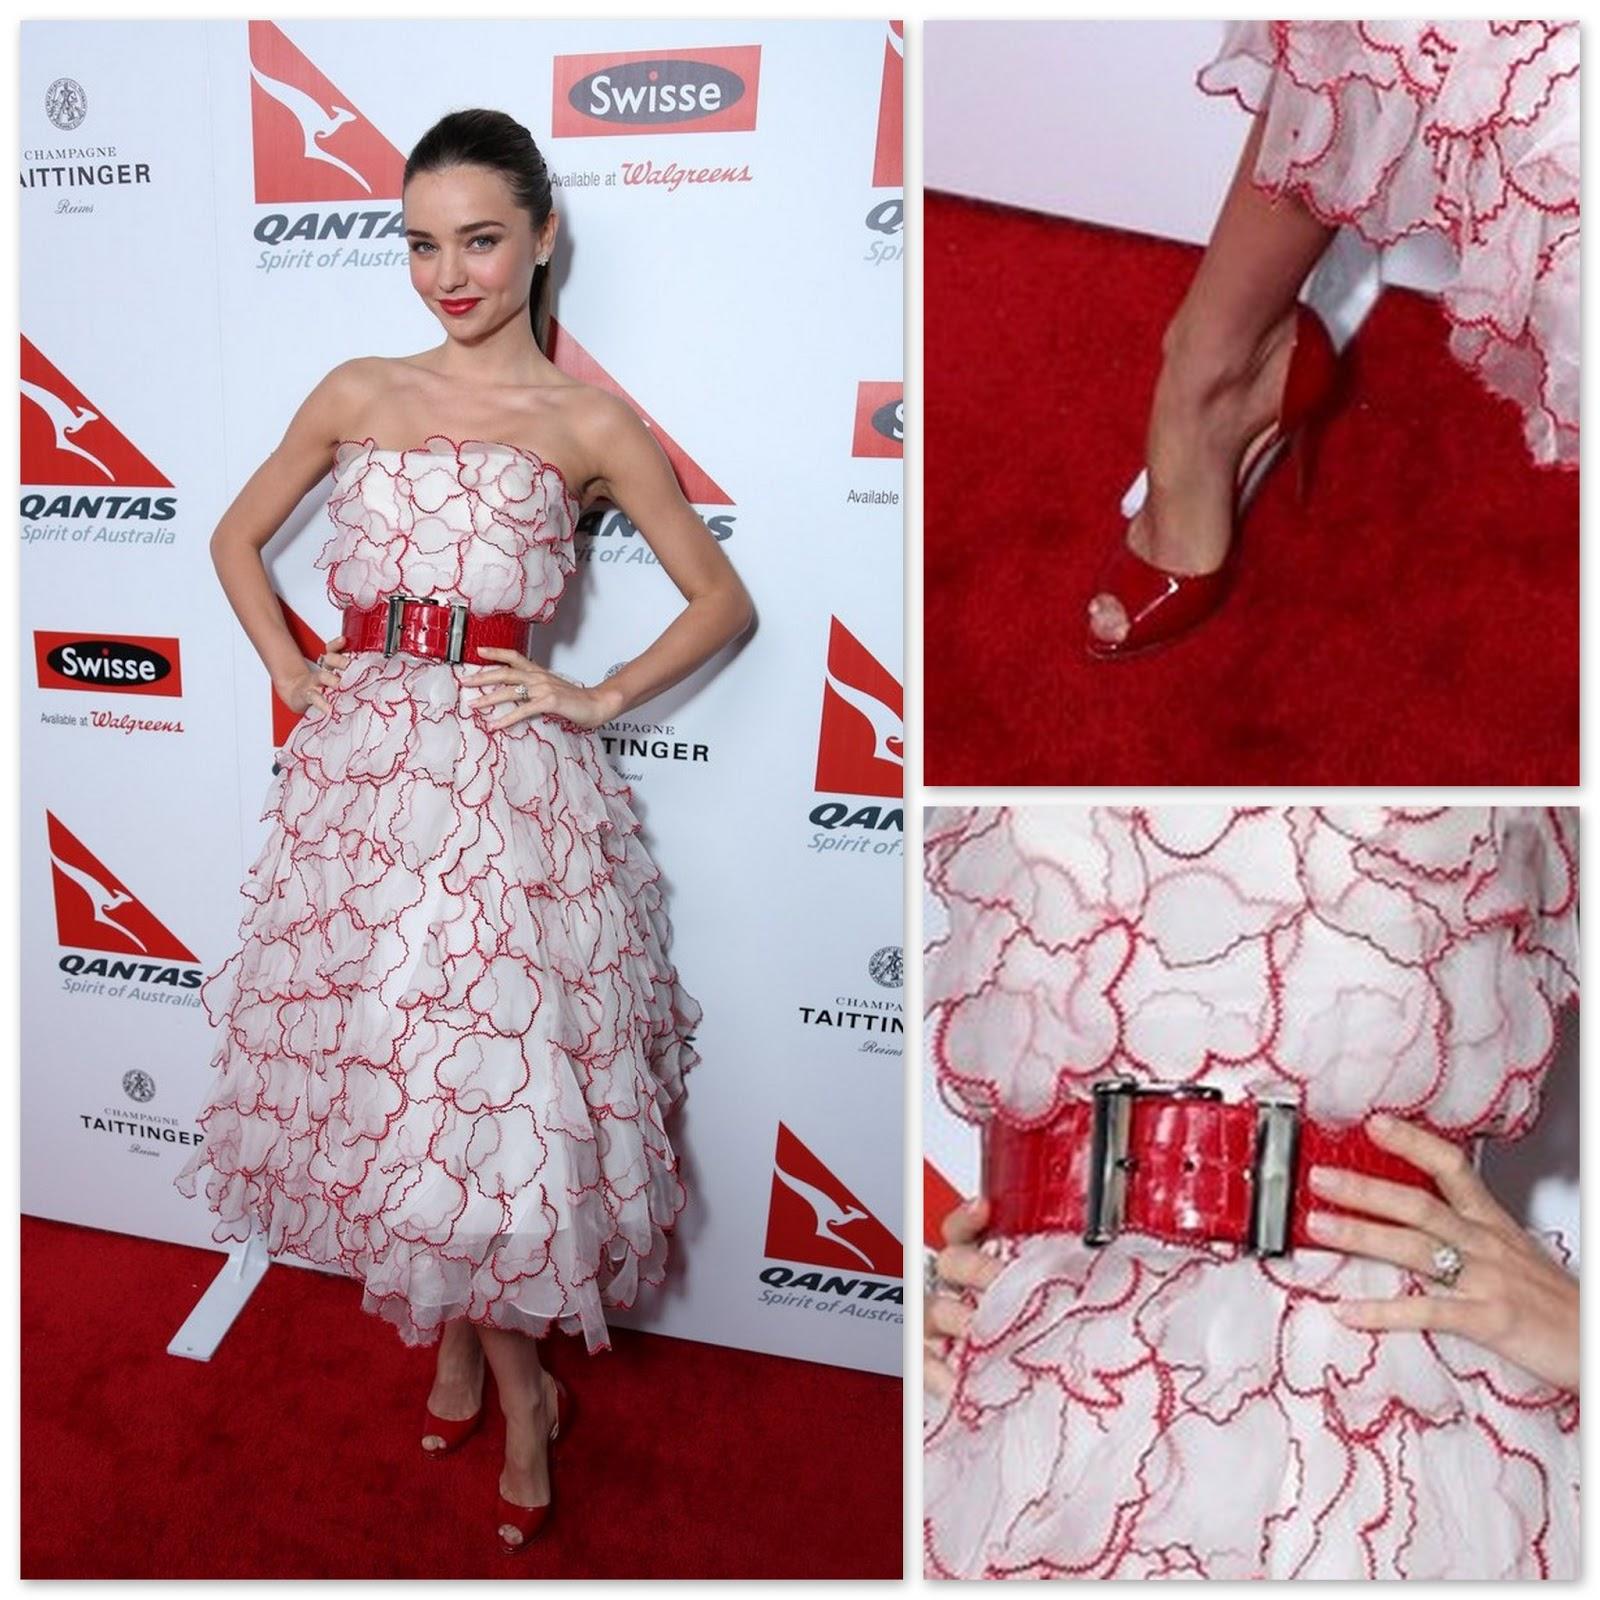 http://4.bp.blogspot.com/-FmdhlVJWFLU/UO-nFYA9nBI/AAAAAAAAKYE/cnIM3hKzxYM/s1600/best+dressed9.jpg